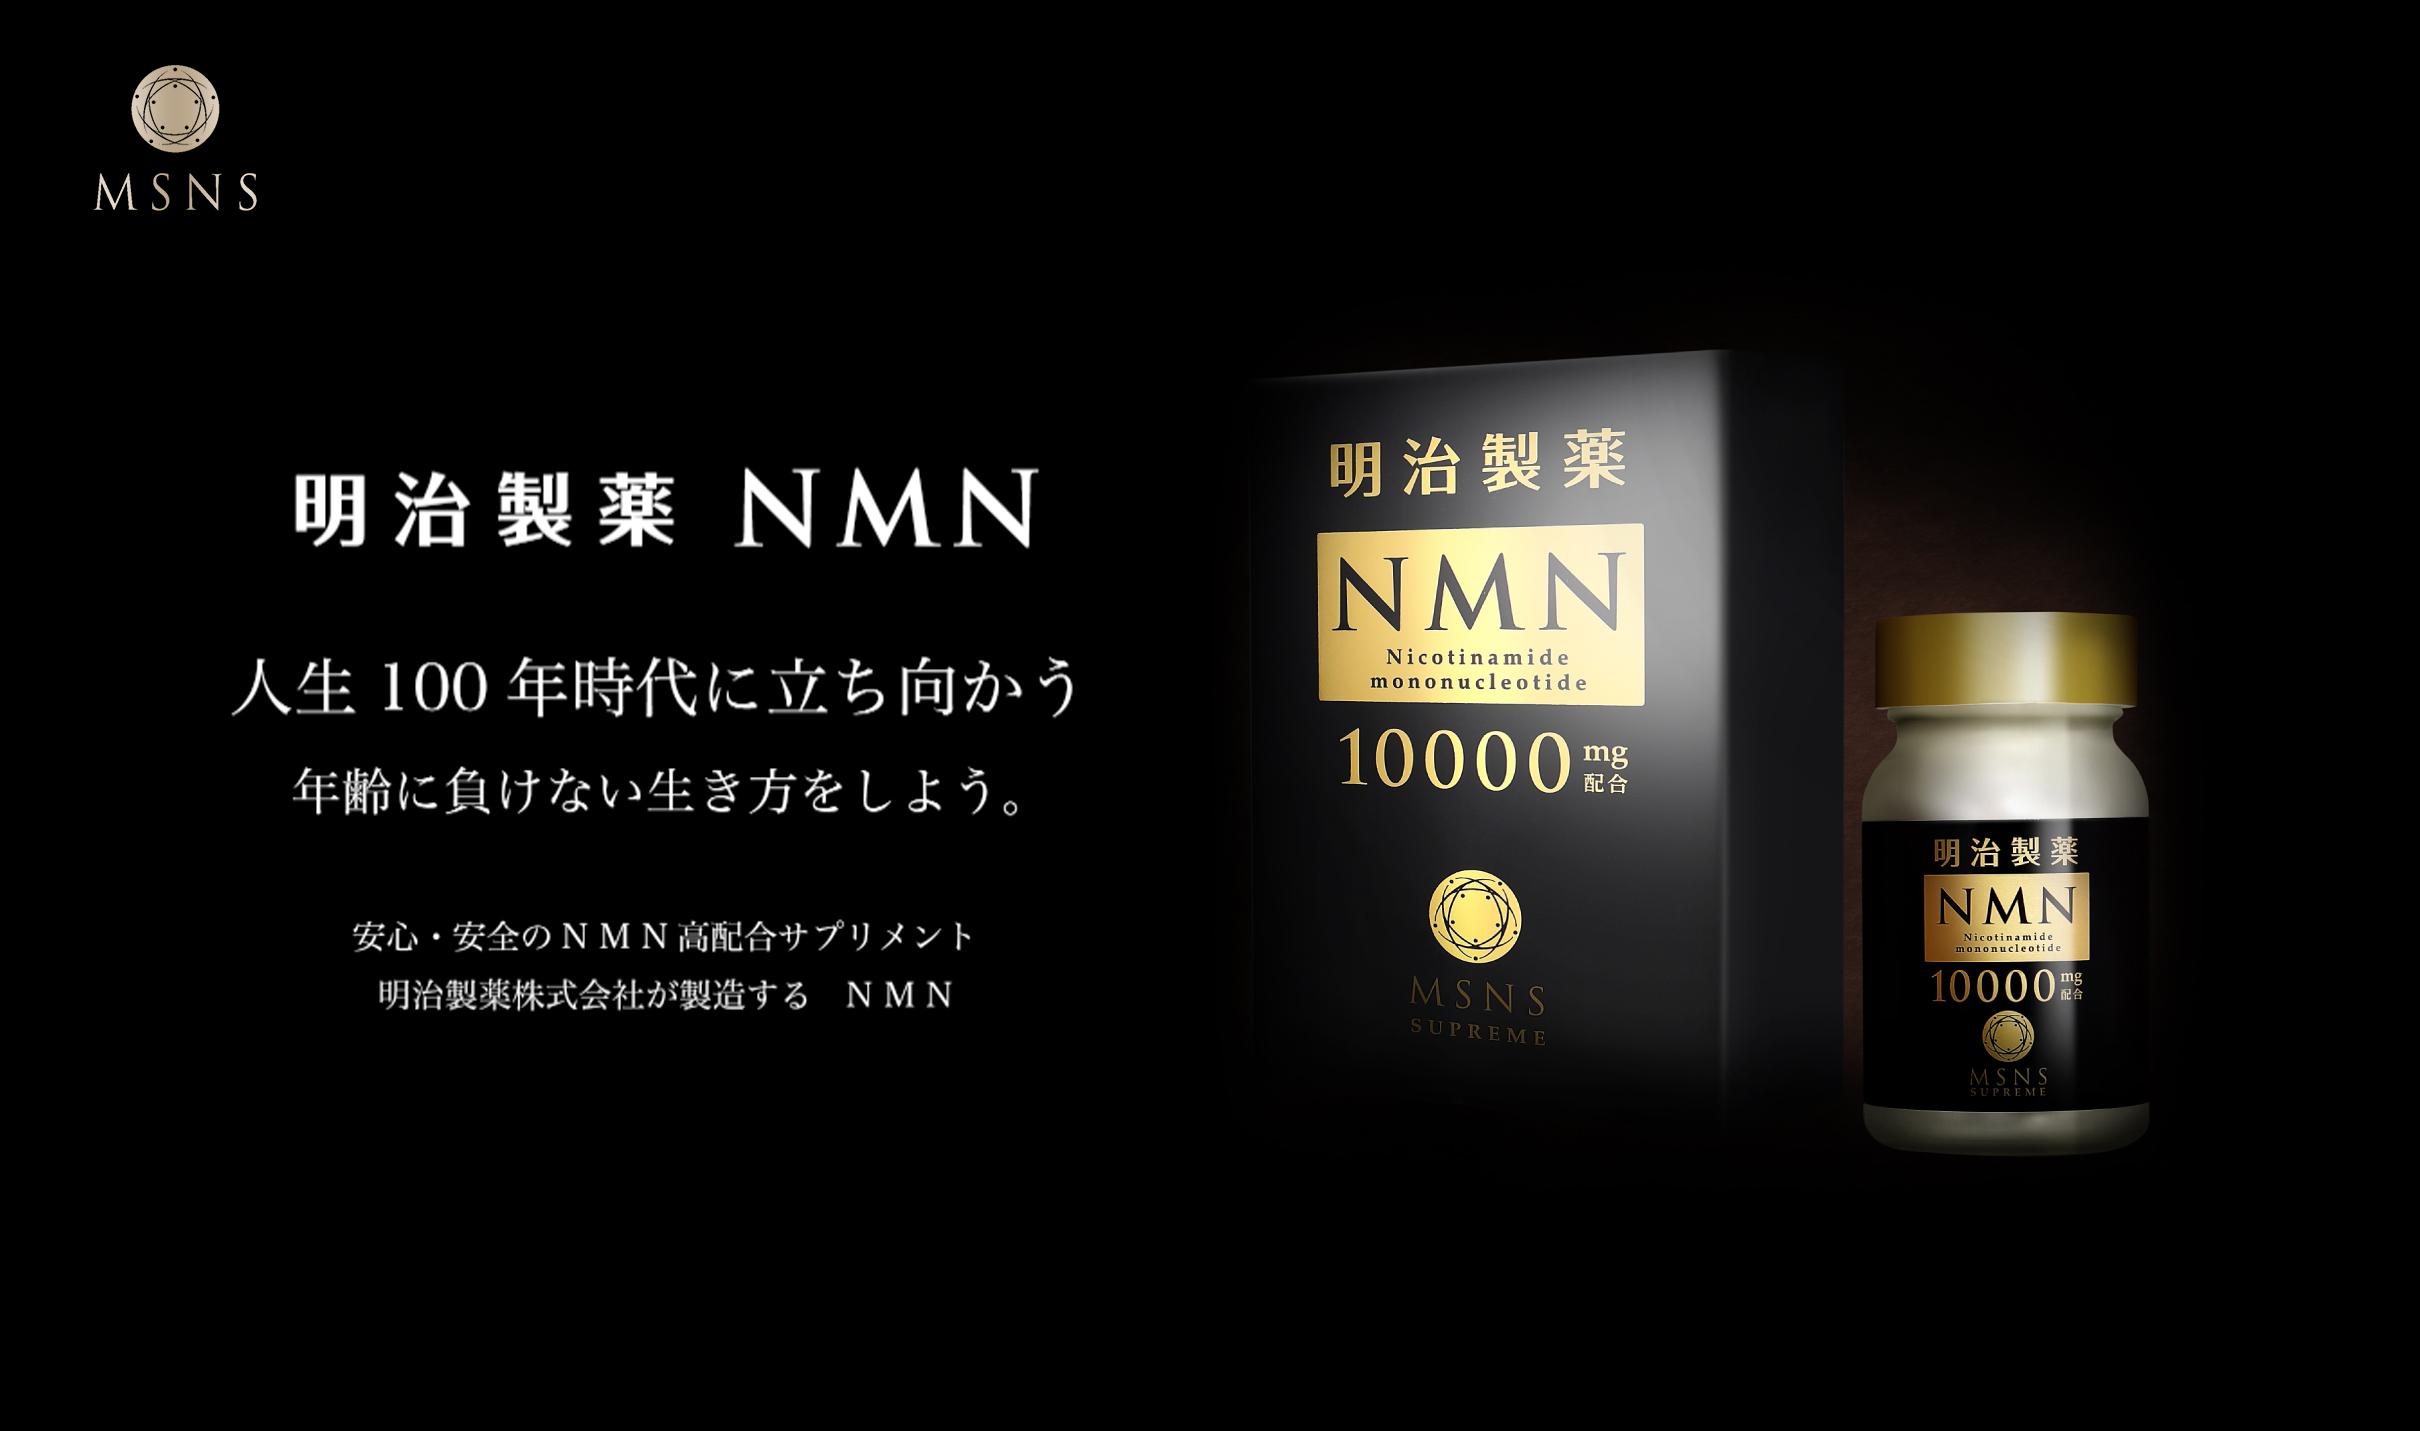 明治制药NMN-10000mg